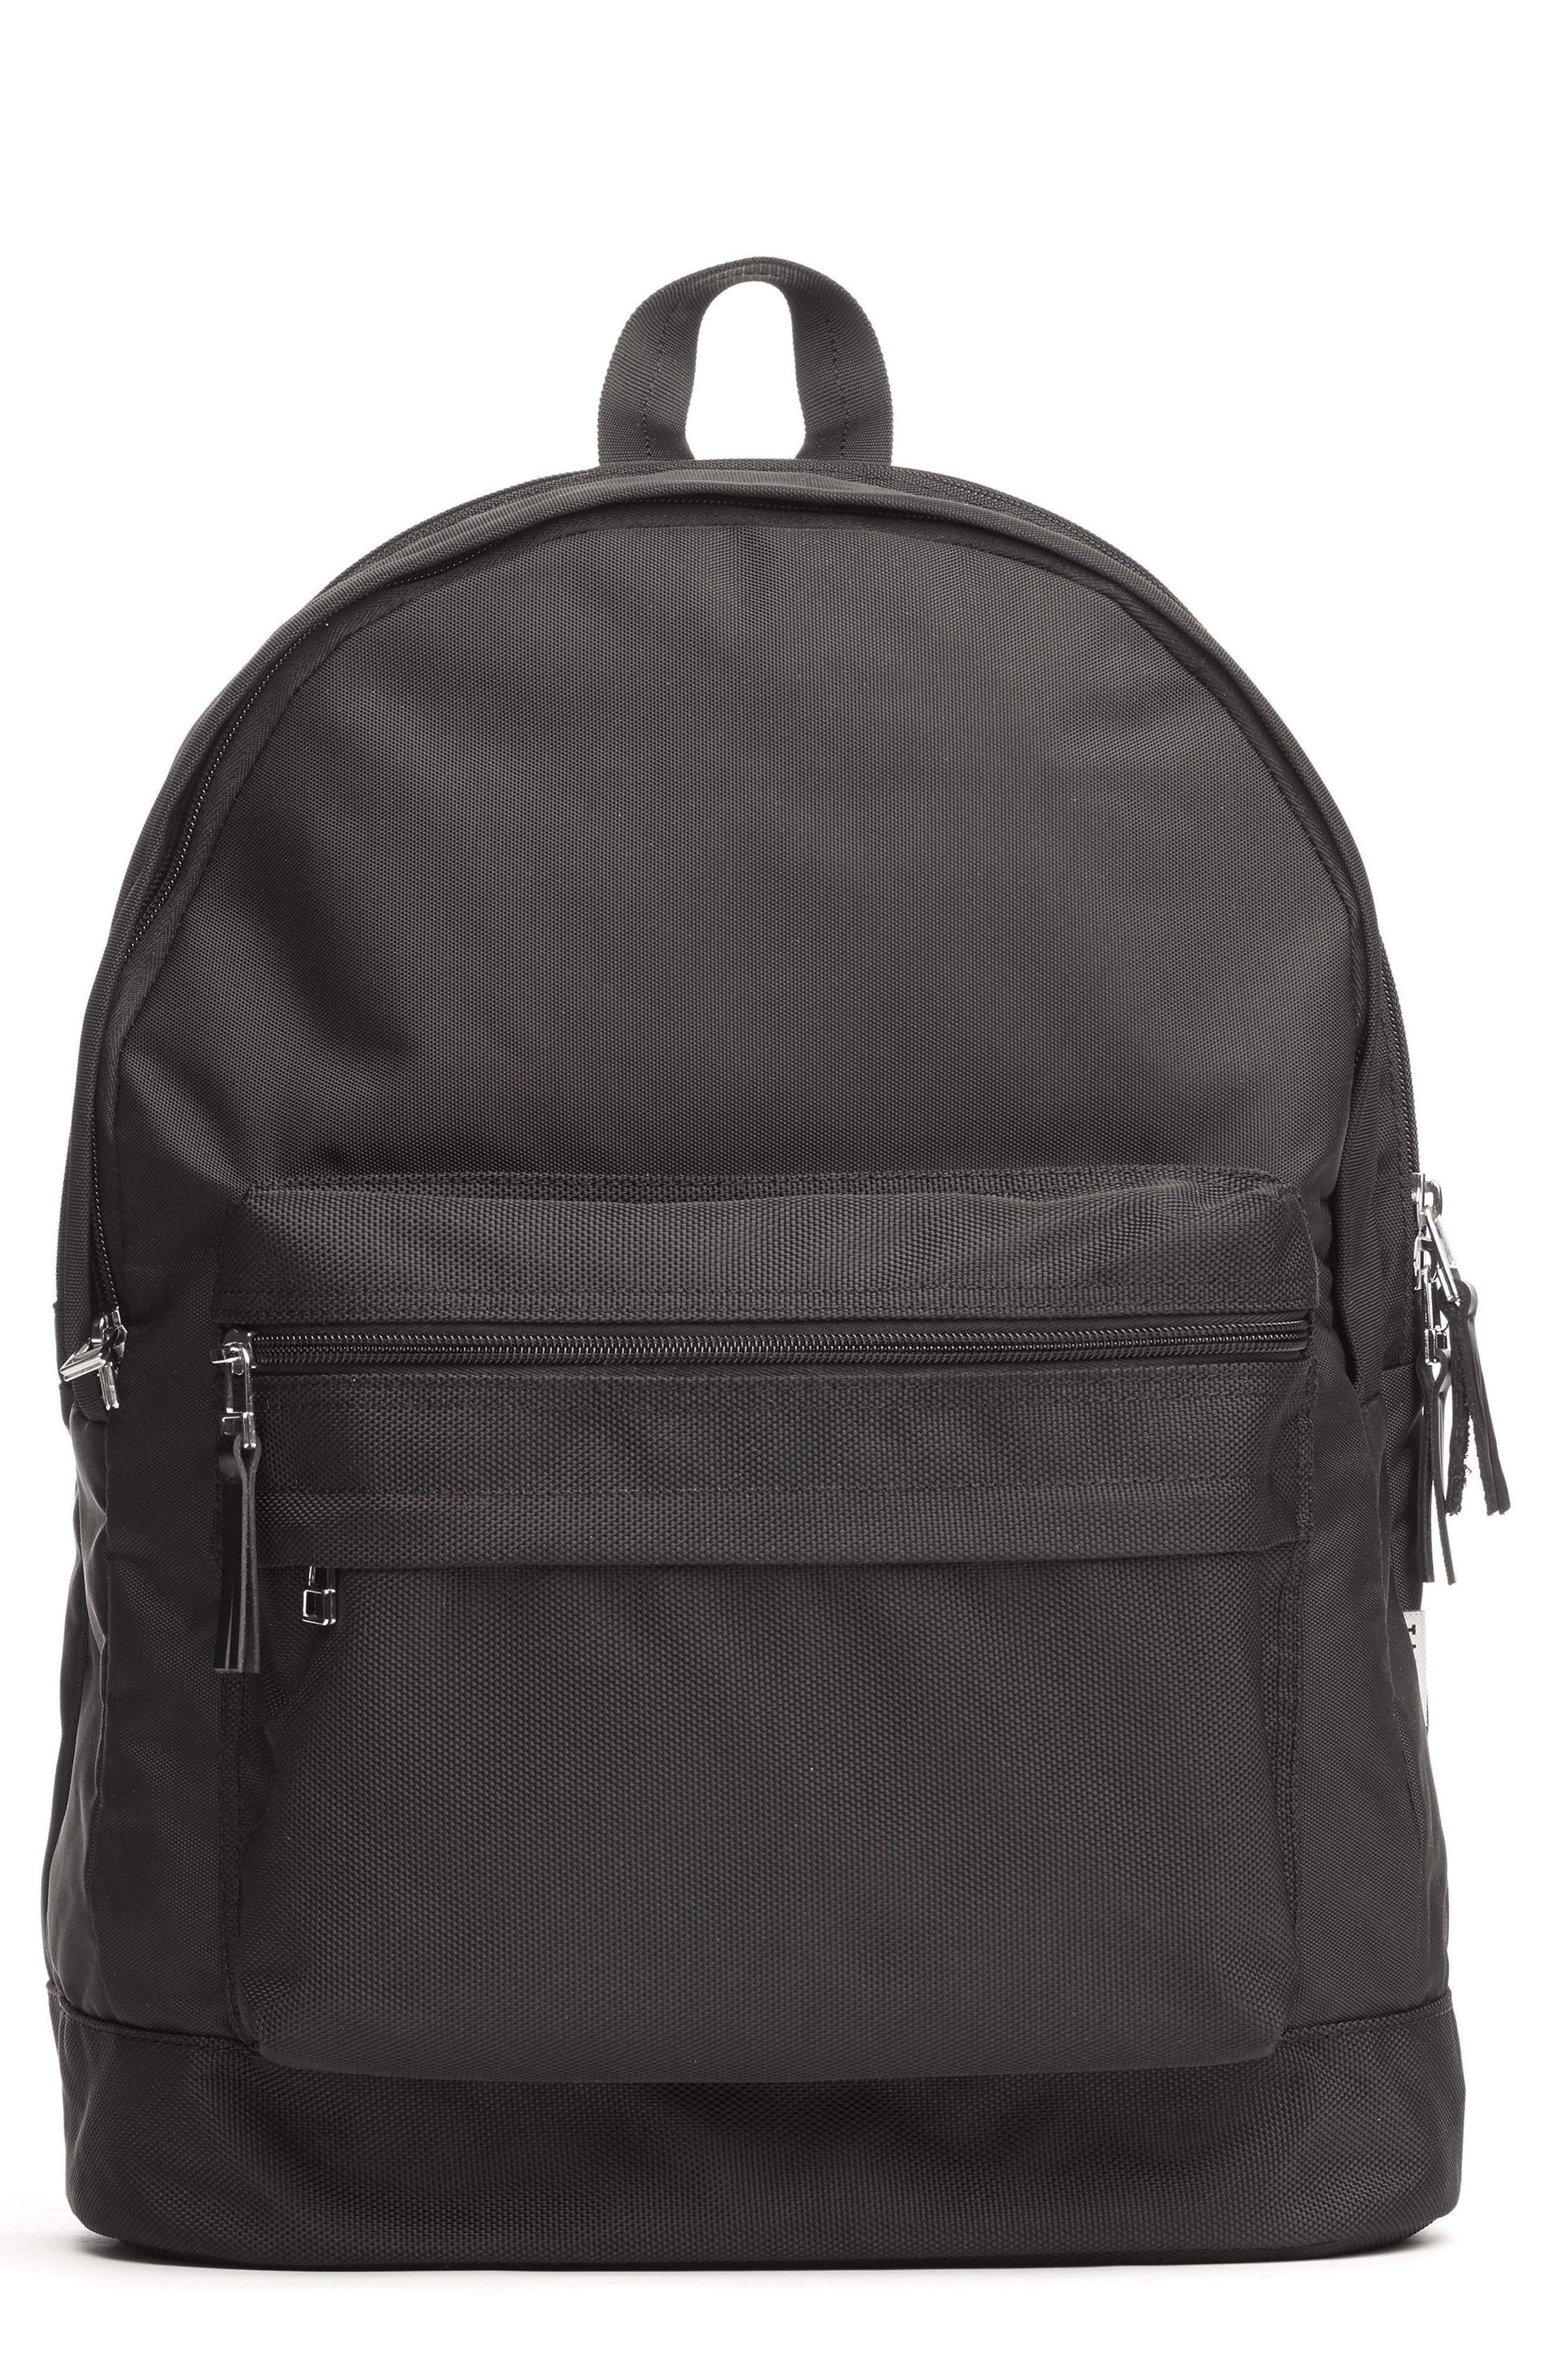 Lancer Backpack,                         Main,                         color, MATTE BLACK